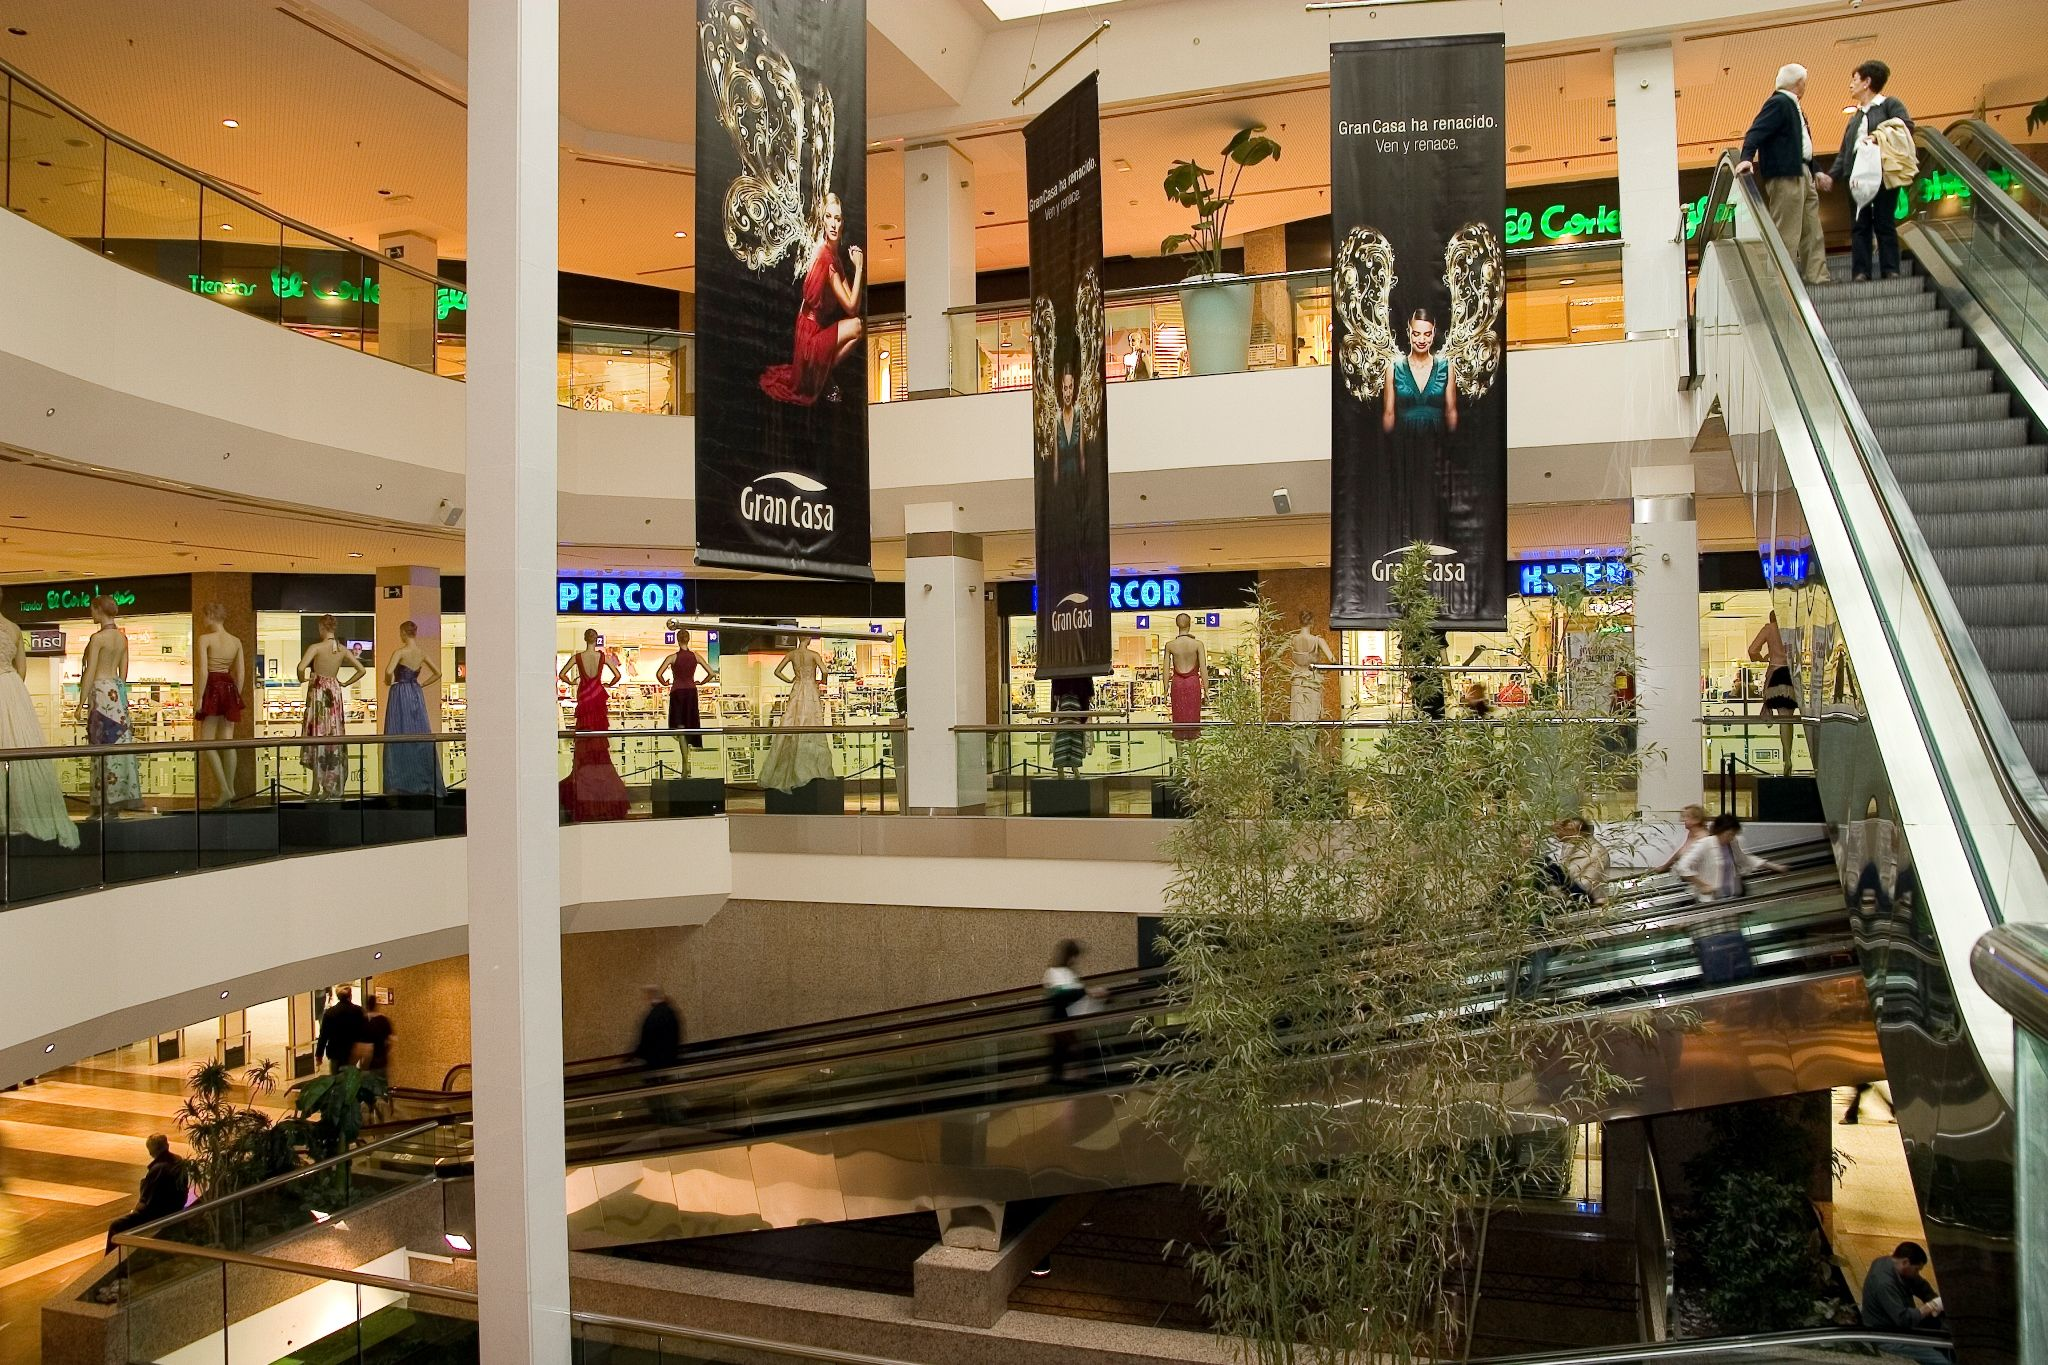 Tiendas En El Centro Comercial Grancasa De Zaragoza Centro Comercial Restaurantes Tiendas